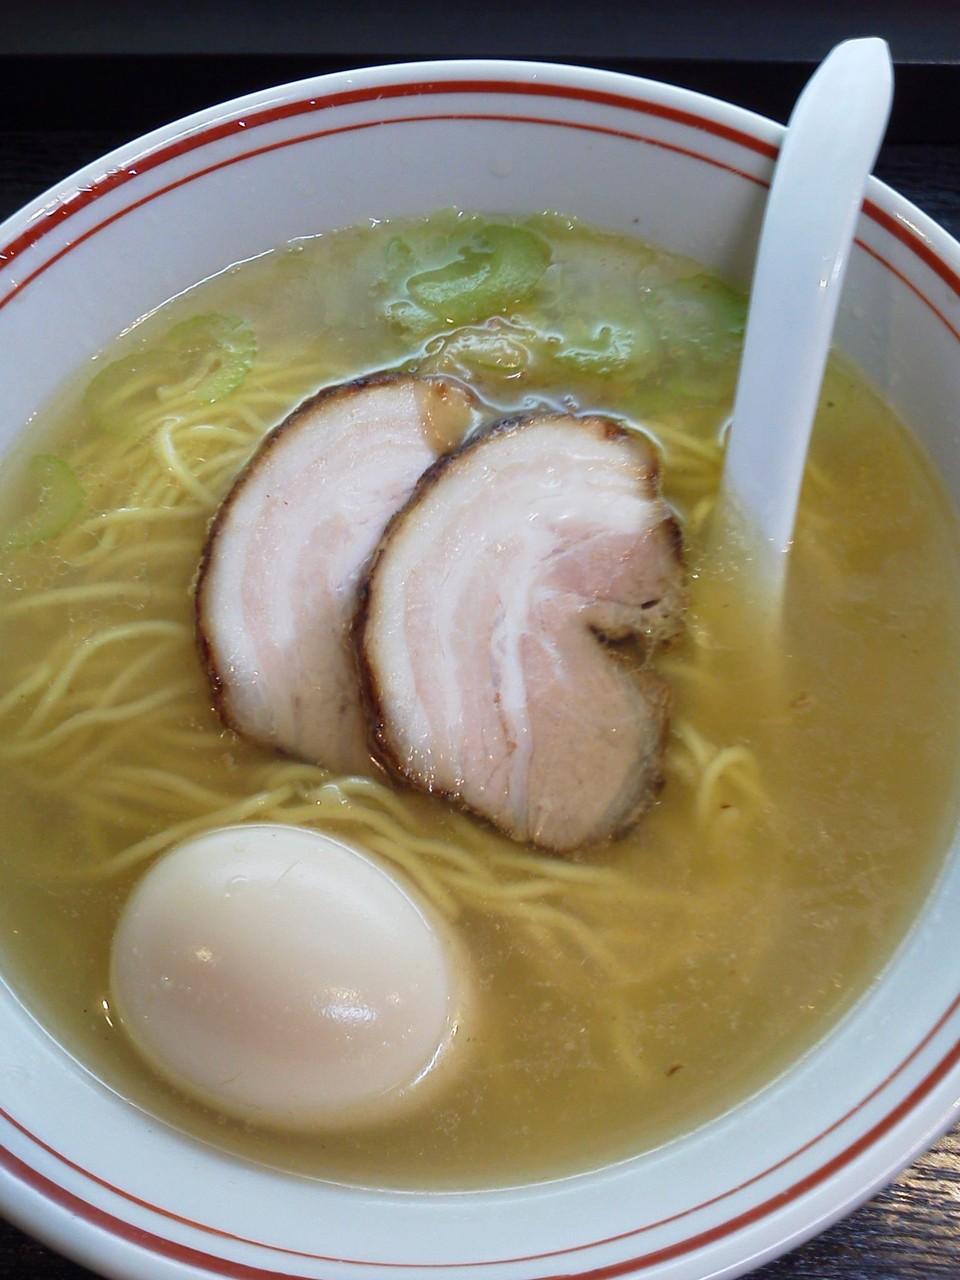 たけちゃんにぼしらーめん府中店の創作麺『鶏パイタンスペシャル』。 【2012年3月8日】※閉店